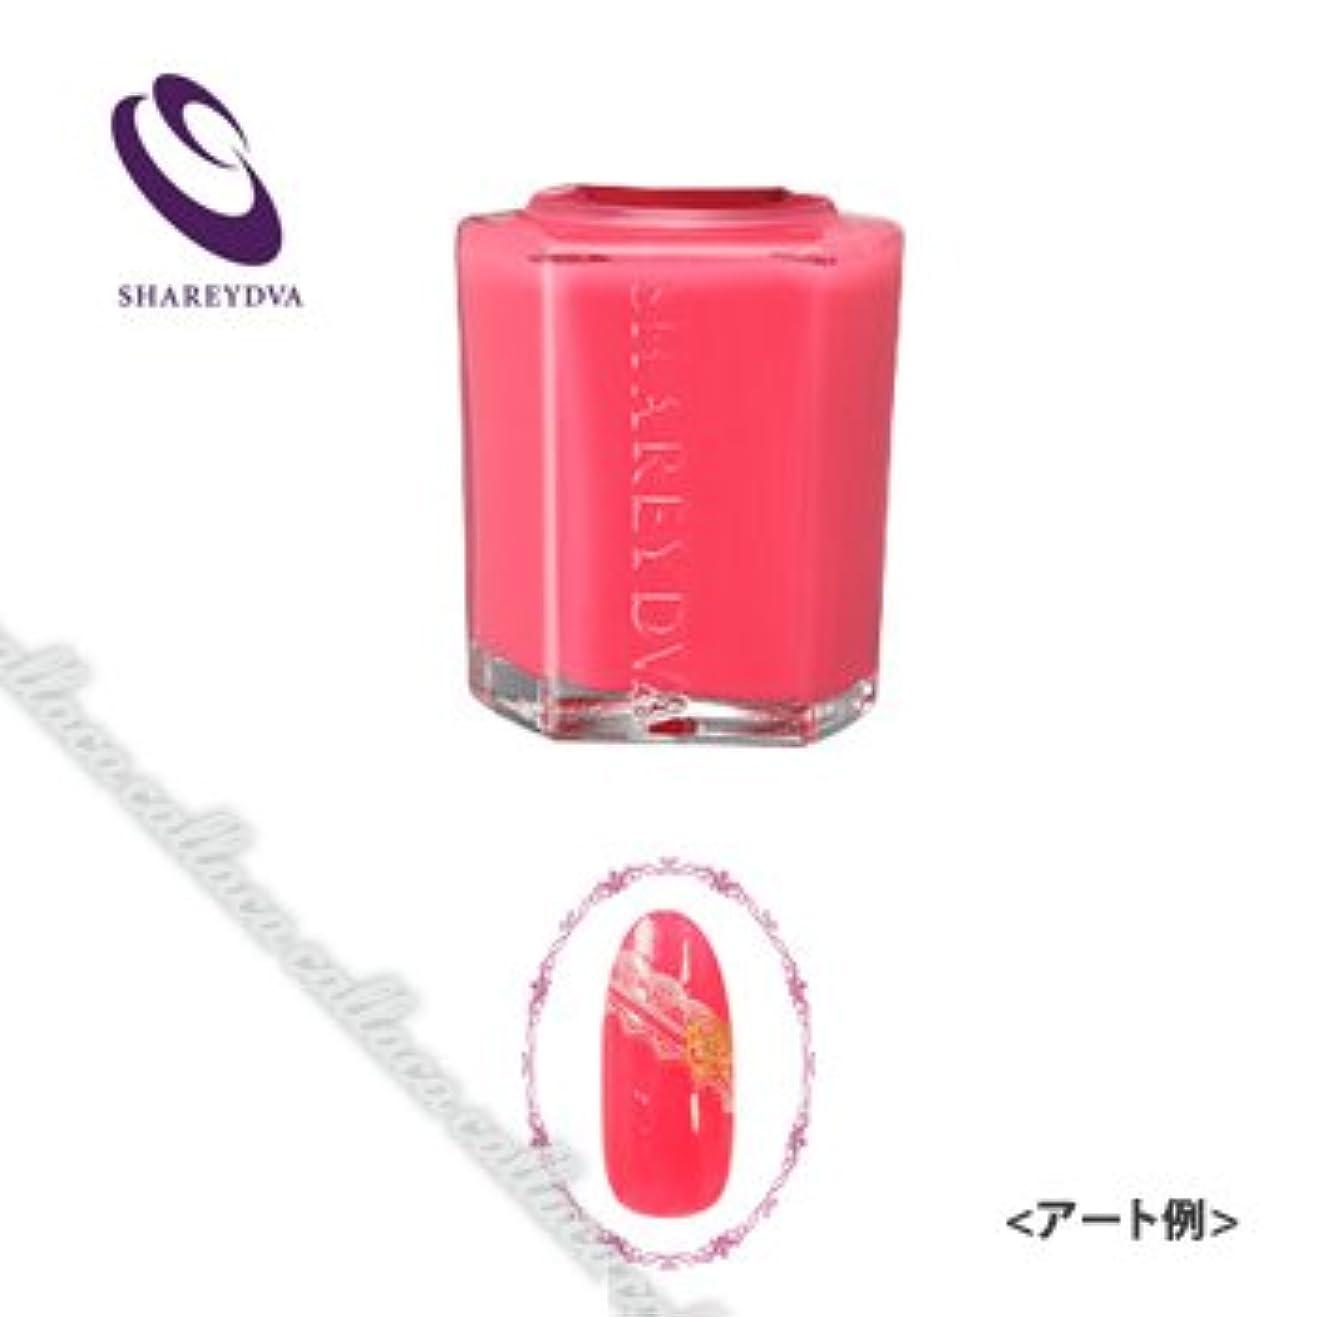 伝染病カリング複製SHAREYDVAカラー No.35(15ml)